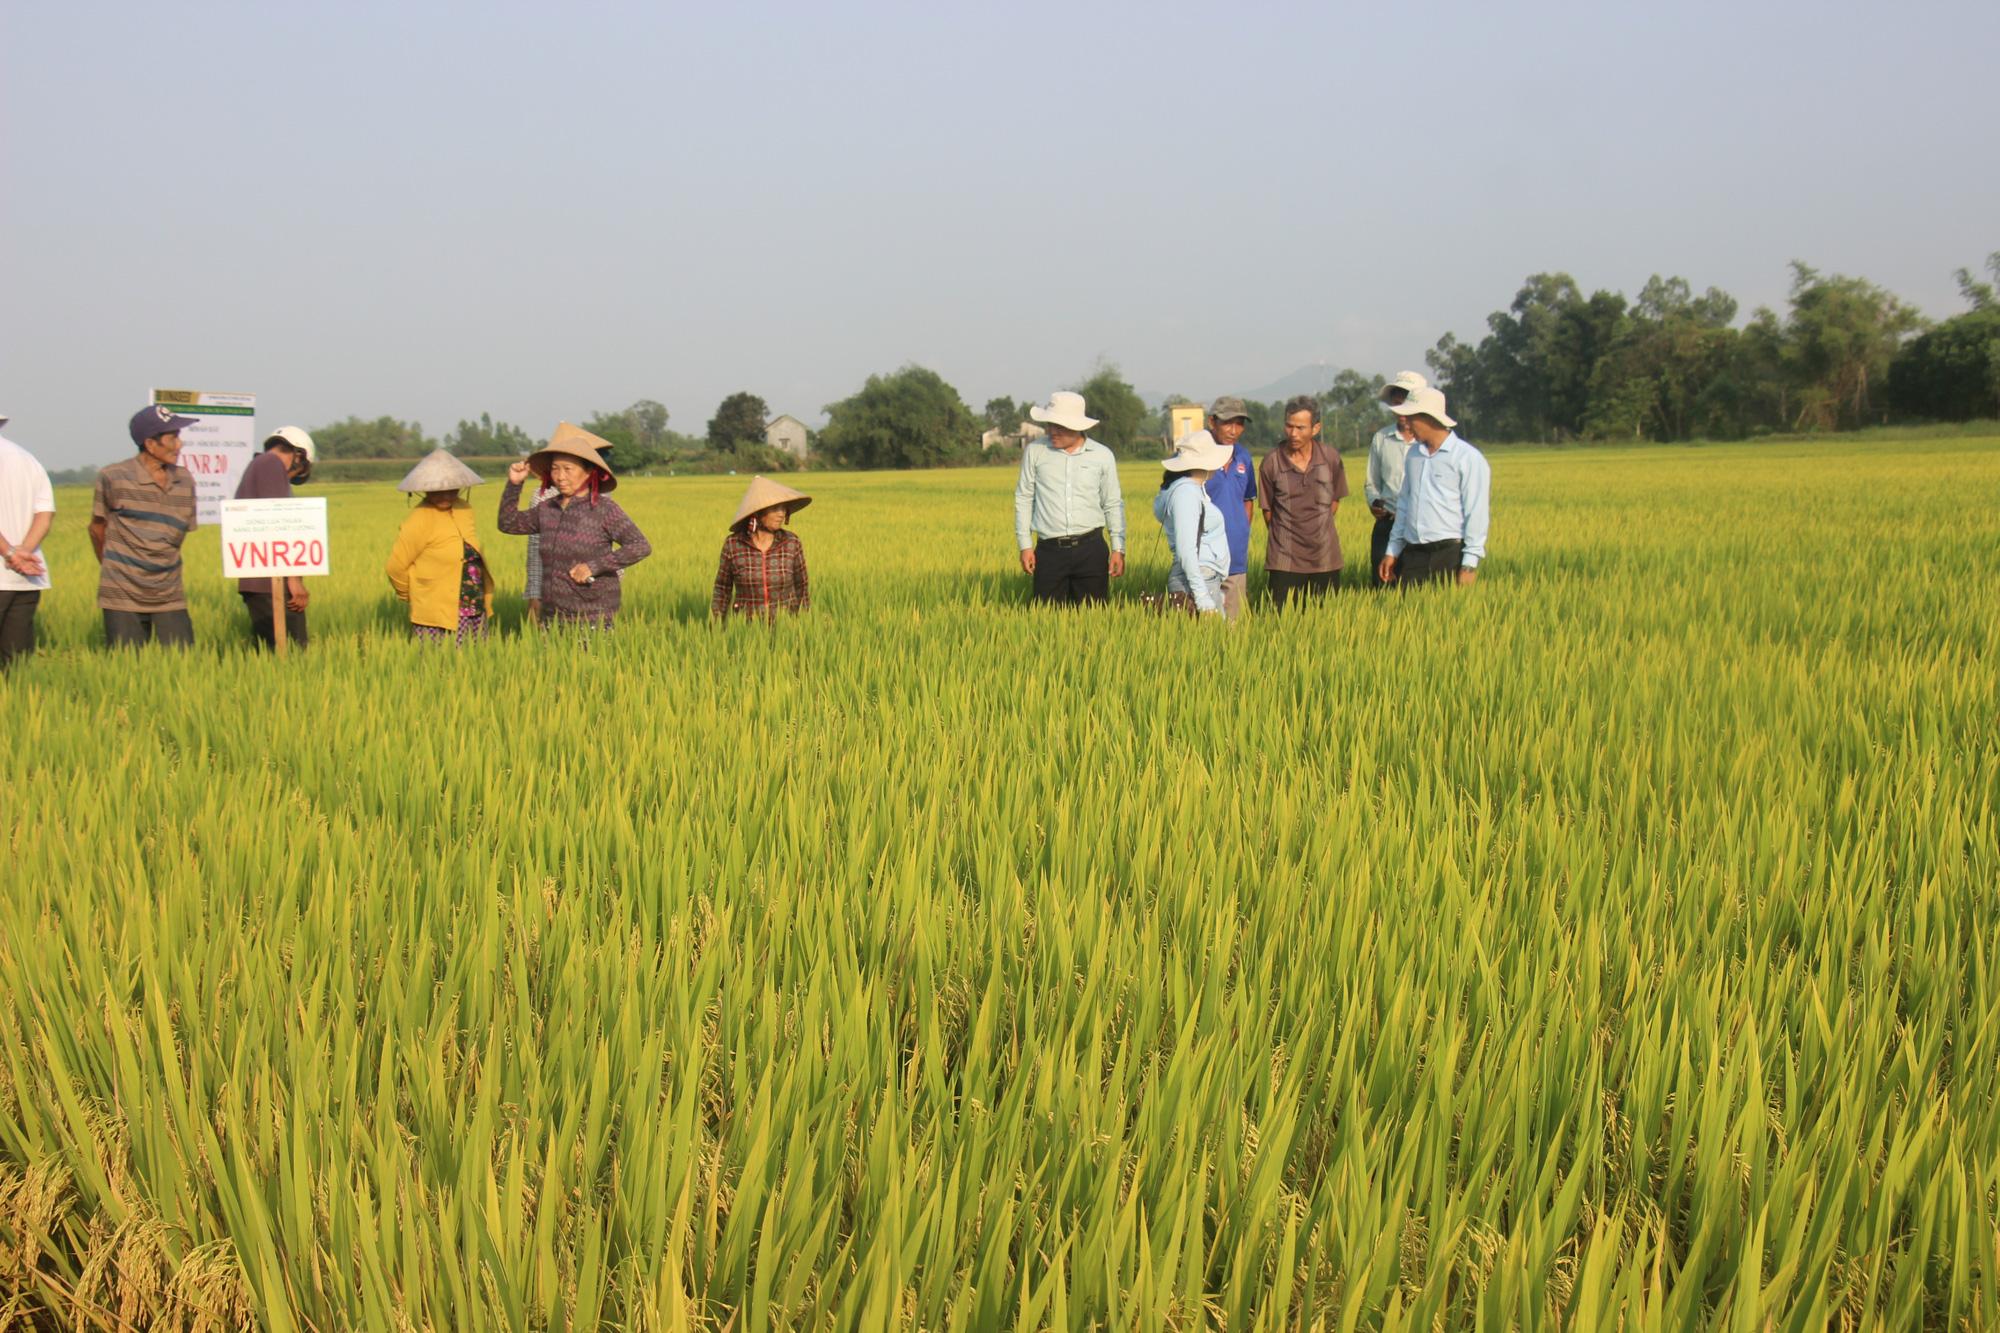 Ngỡ ngàng loạt giống lúa siêu năng suất, chống chịu sâu bệnh trên cánh đồng Bình Định, có giống đạt đến 90 tạ/ha  - Ảnh 4.